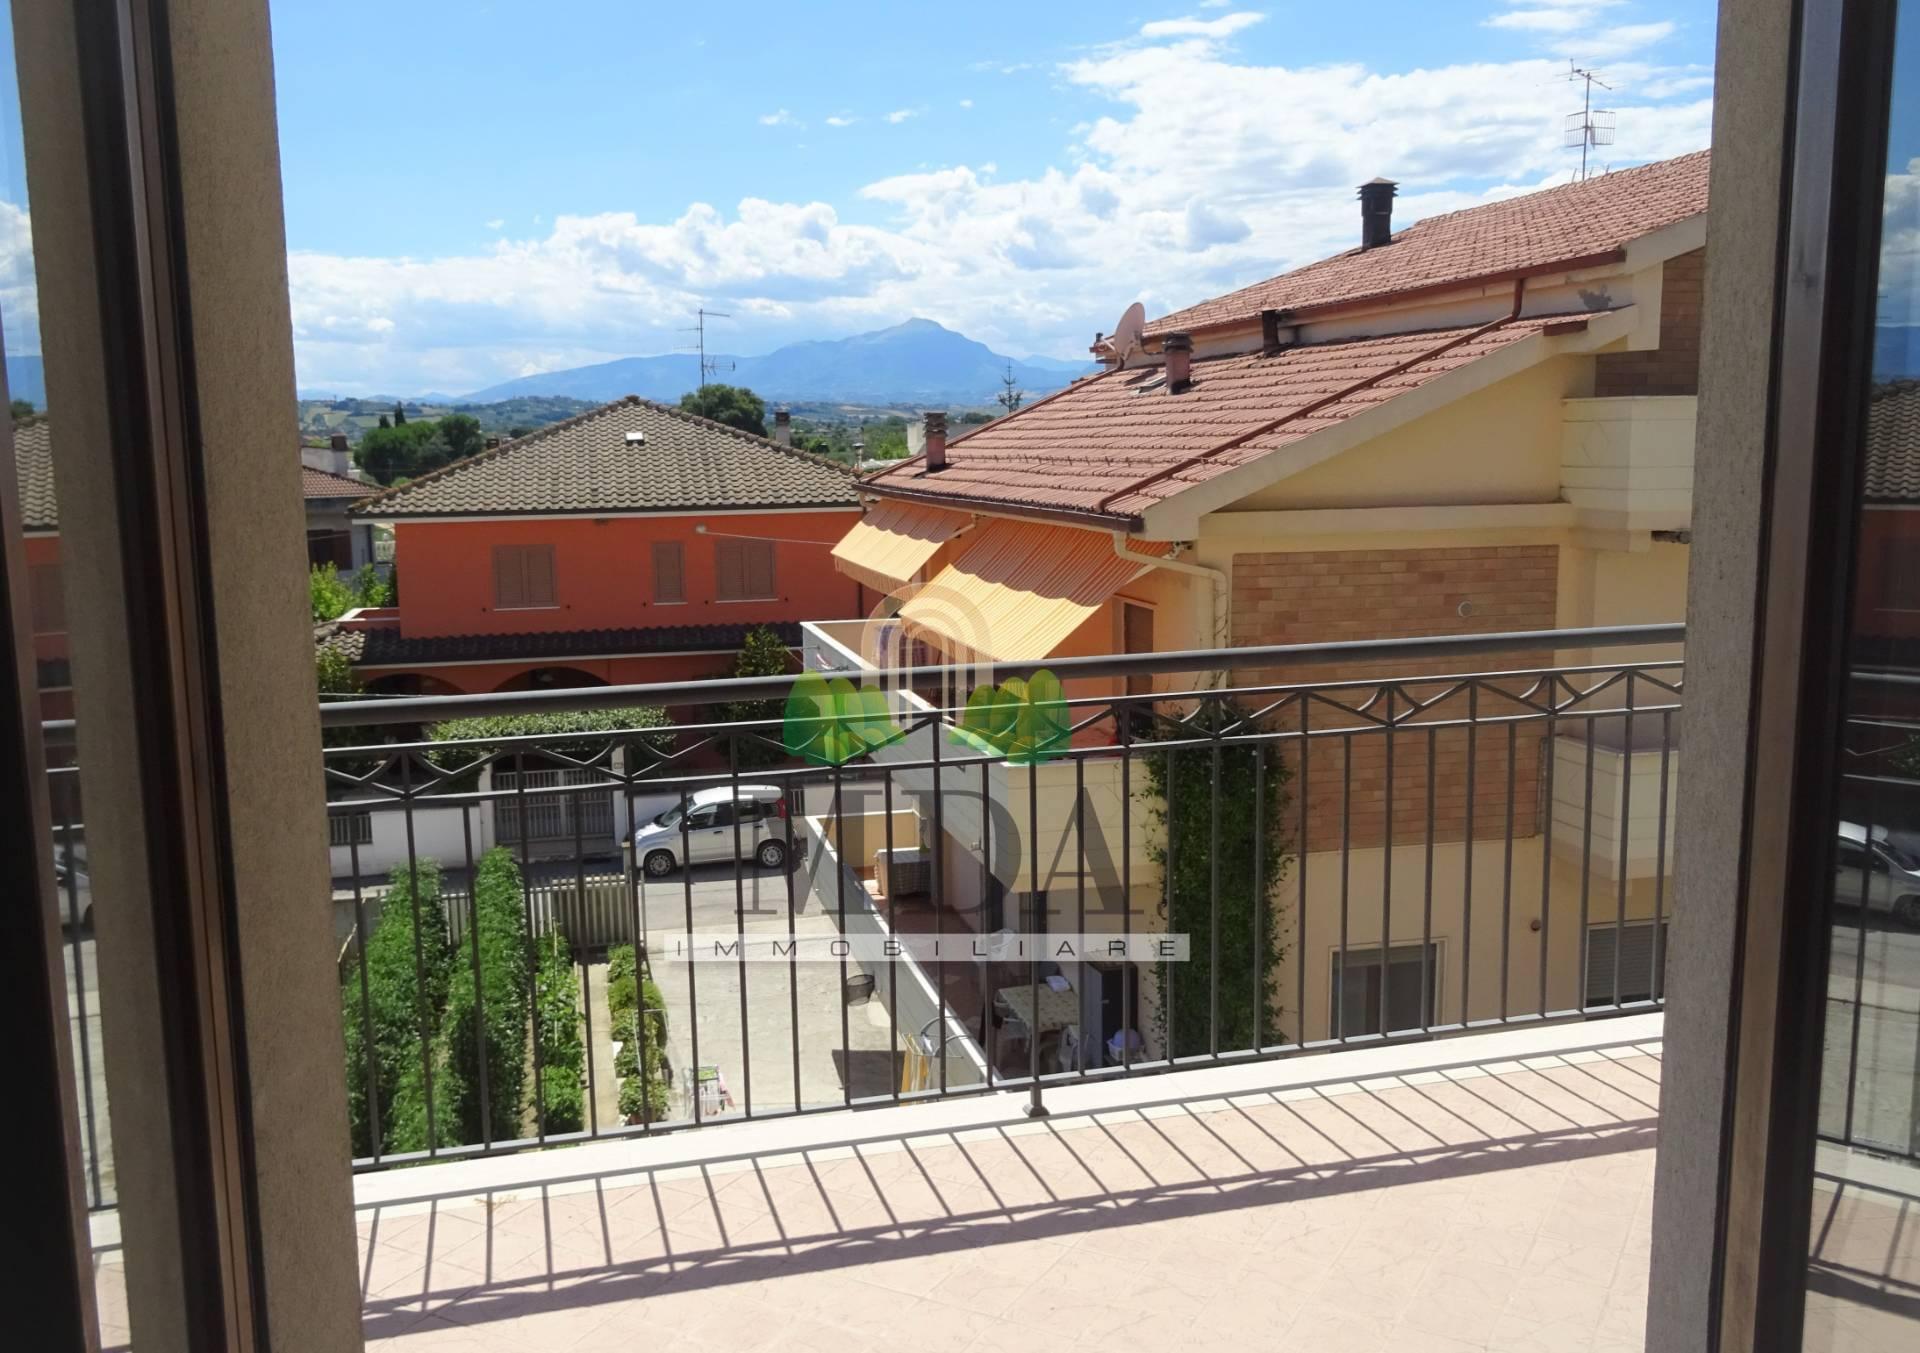 Appartamento in vendita a Corropoli, 6 locali, zona Località: Bivio, prezzo € 95.000 | CambioCasa.it